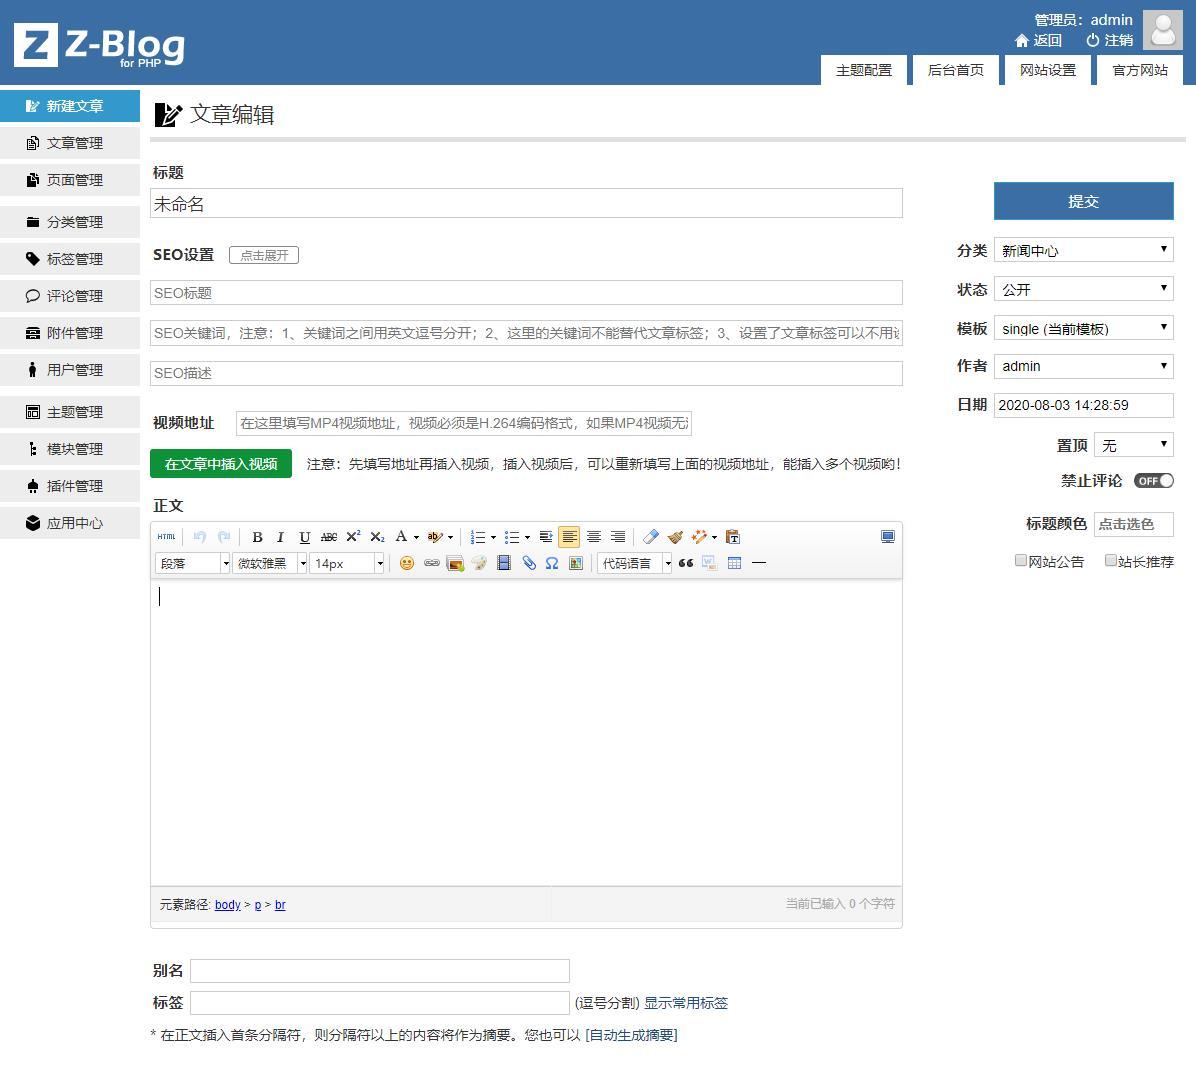 企业官网|全屏大气单页 Z blogPHP 全屏单页 响应式 企业官网 Z blogPHP  第3张